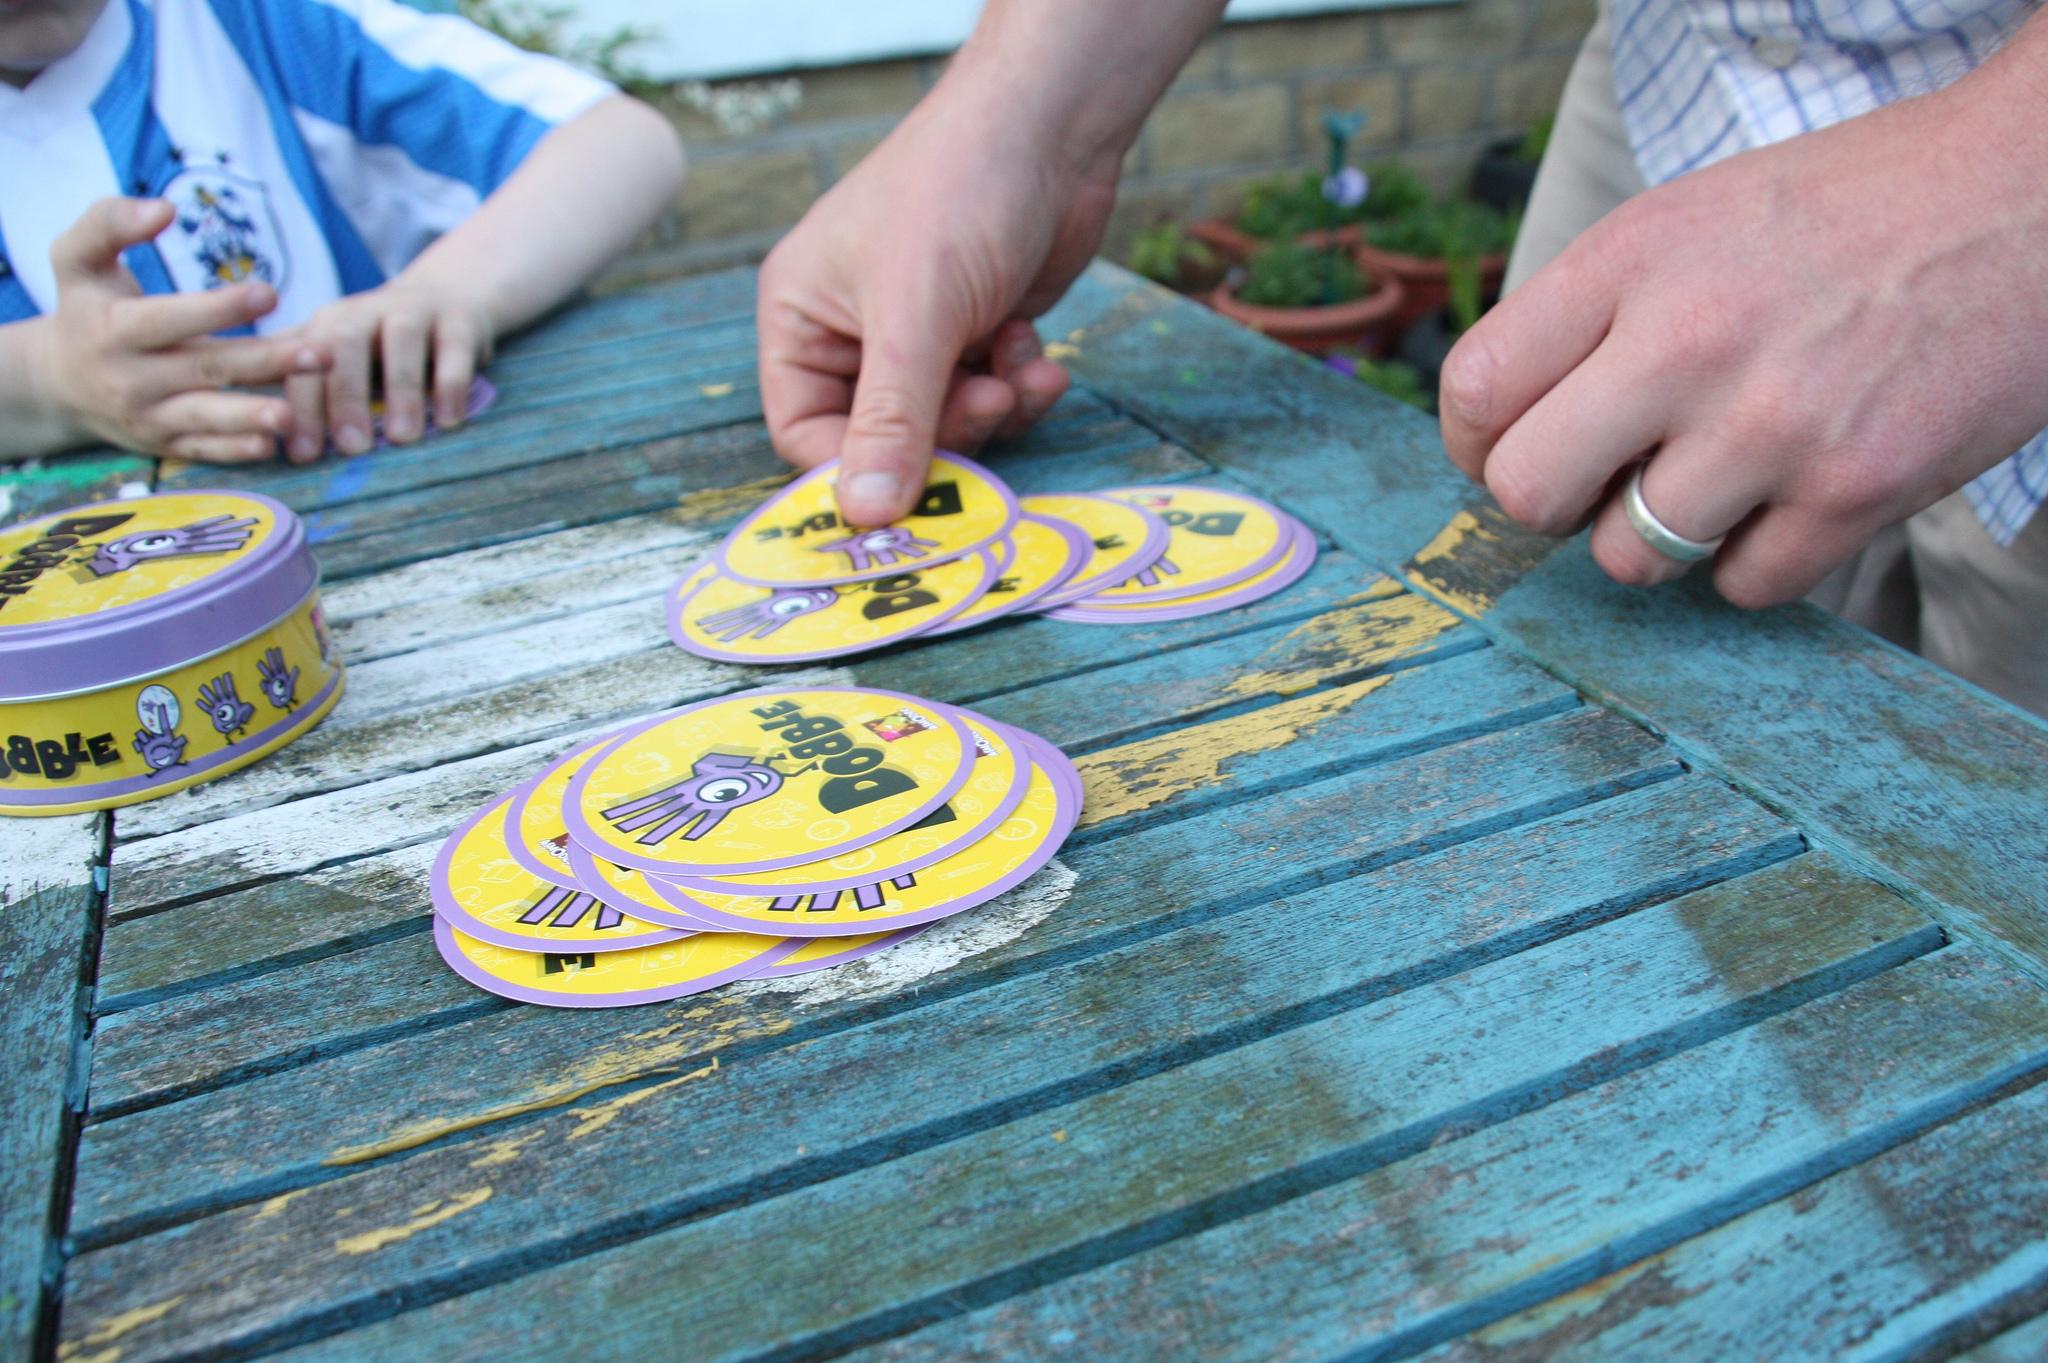 Juego de mesa Dobble - Participantes repartiendo cartas